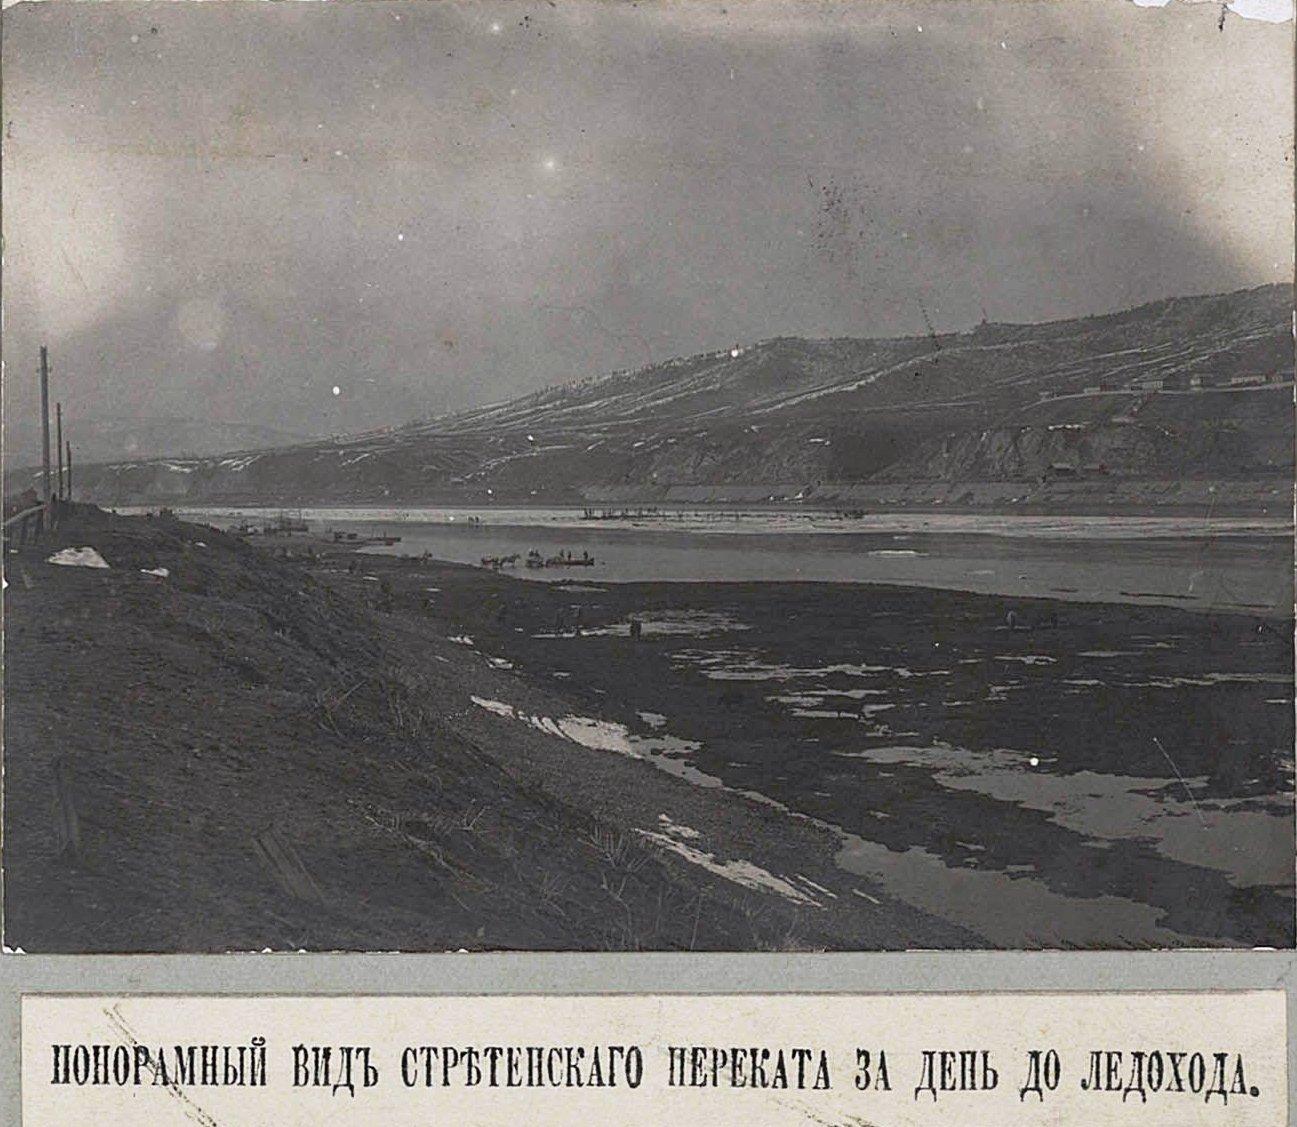 20. Панорамный вид Сретенского переката за день до ледохода (3)